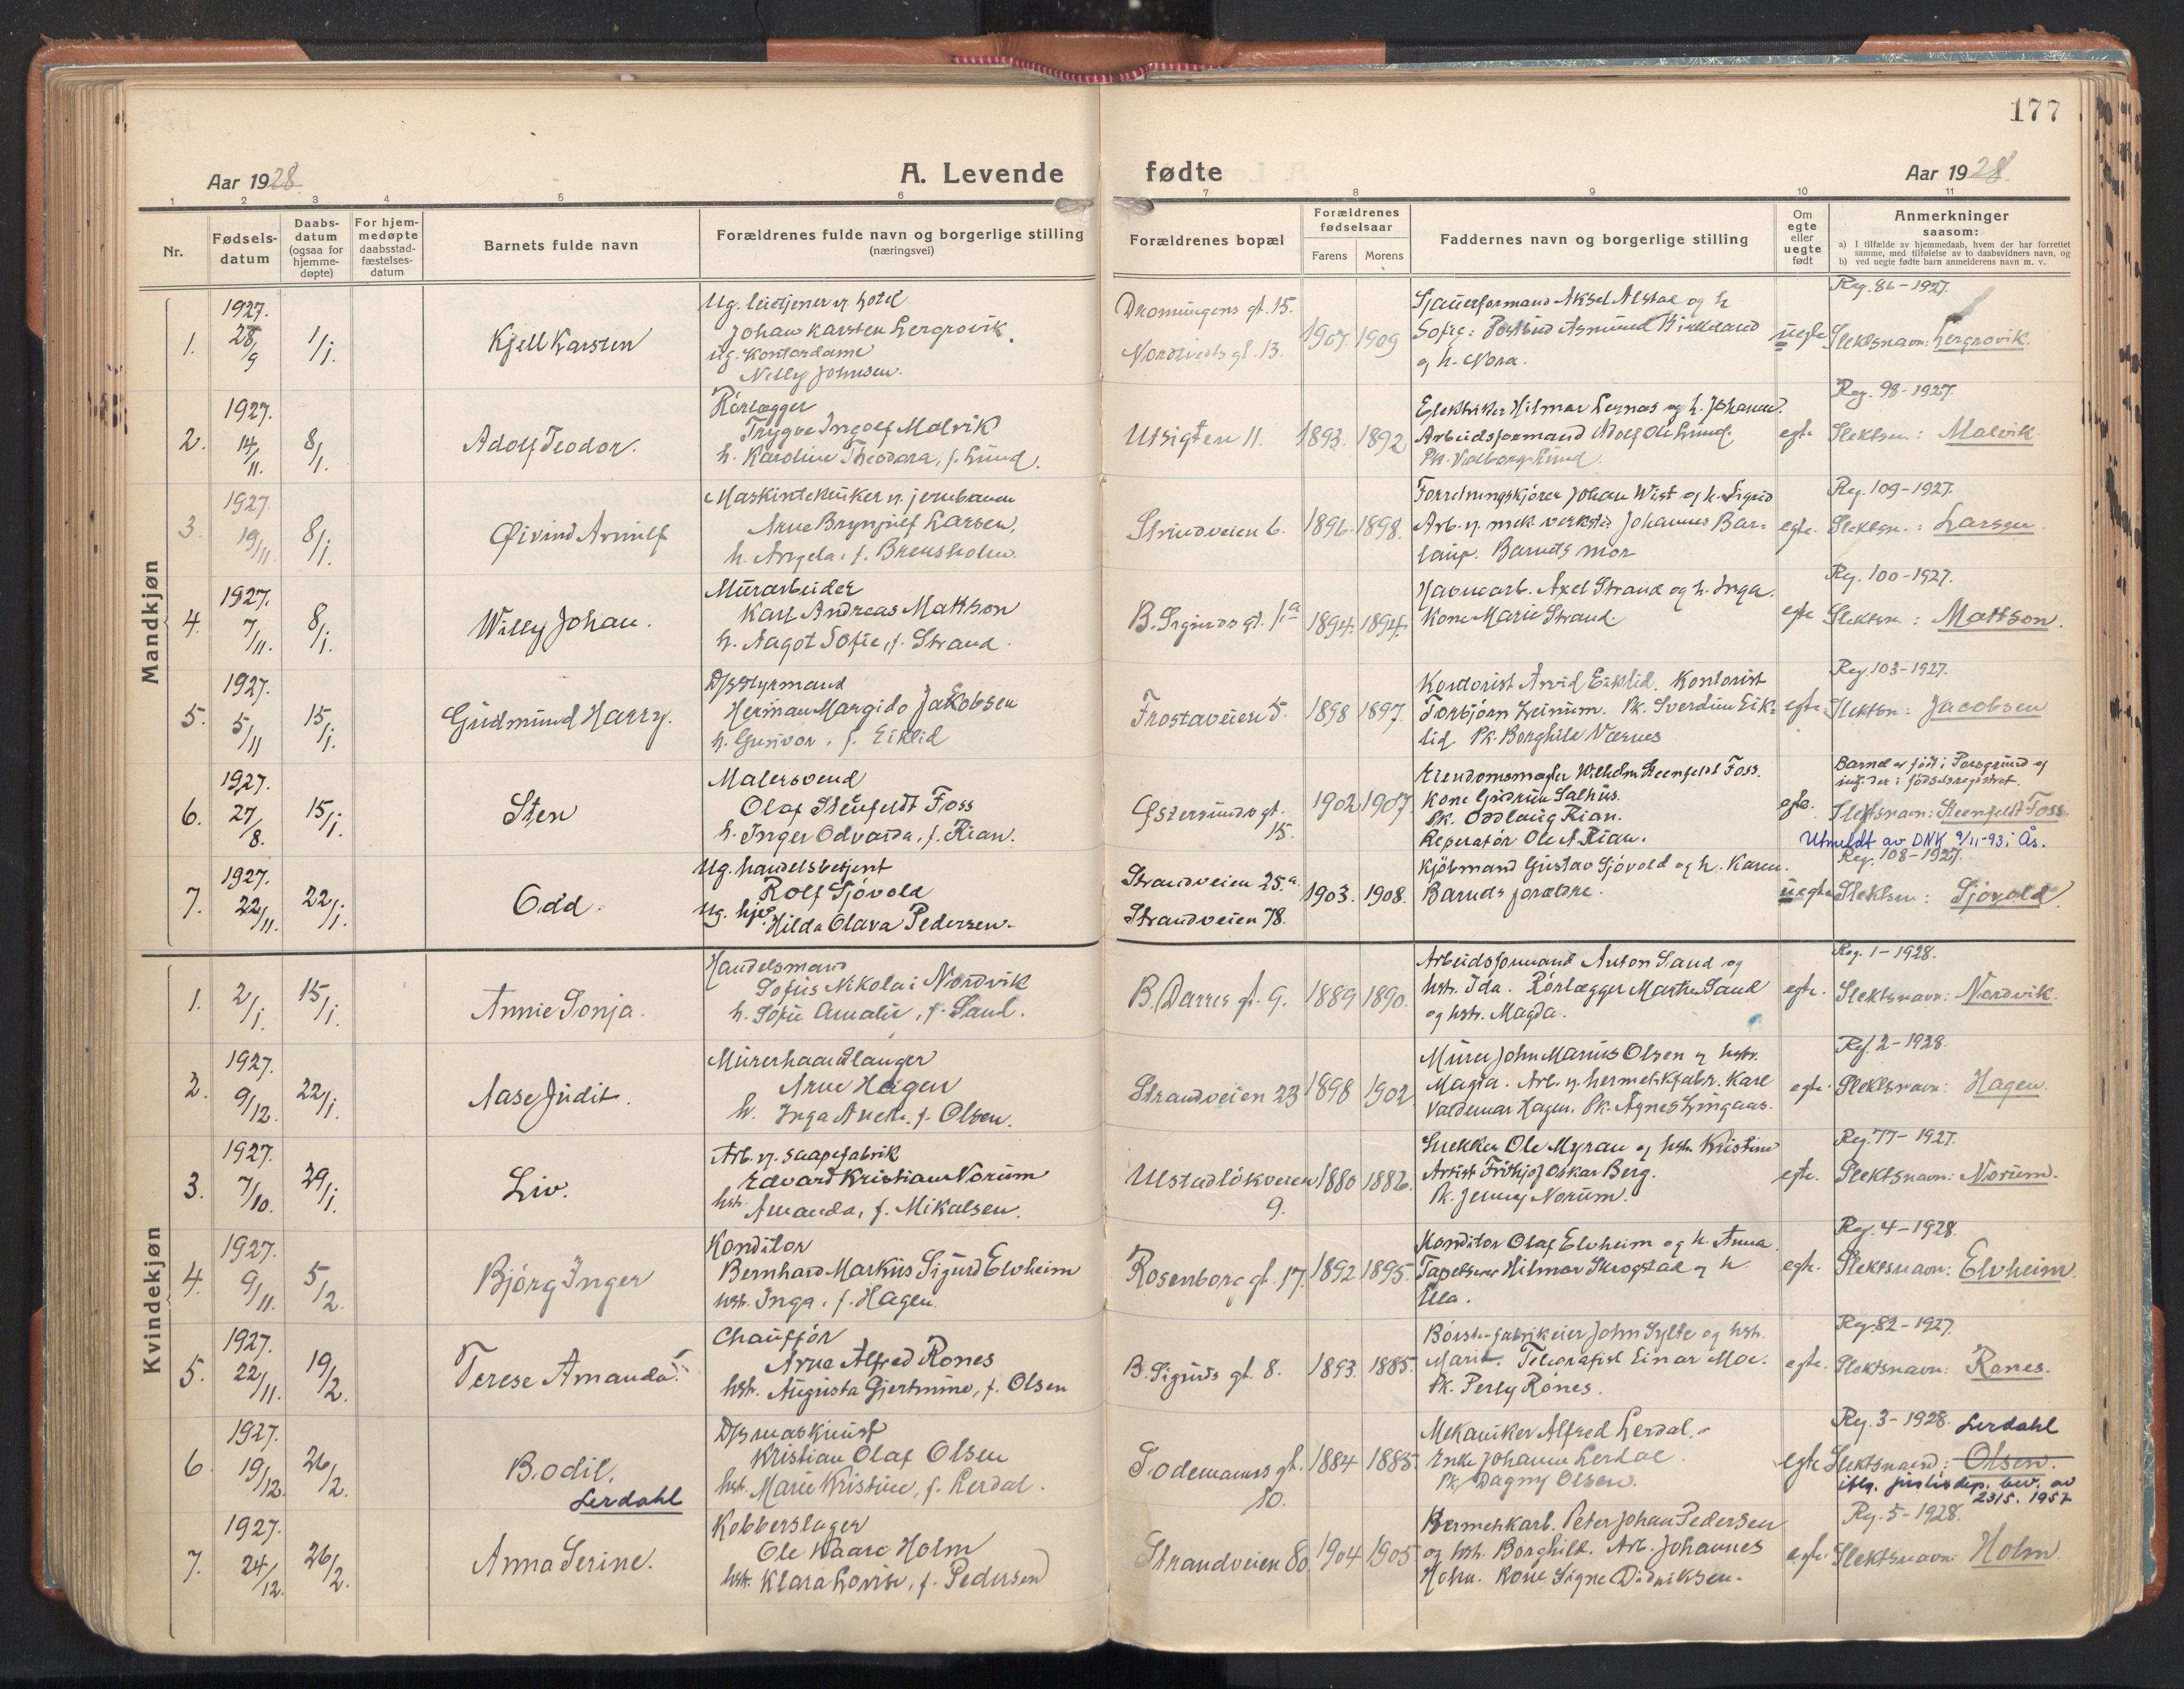 SAT, Ministerialprotokoller, klokkerbøker og fødselsregistre - Sør-Trøndelag, 605/L0248: Ministerialbok nr. 605A10, 1920-1937, s. 177